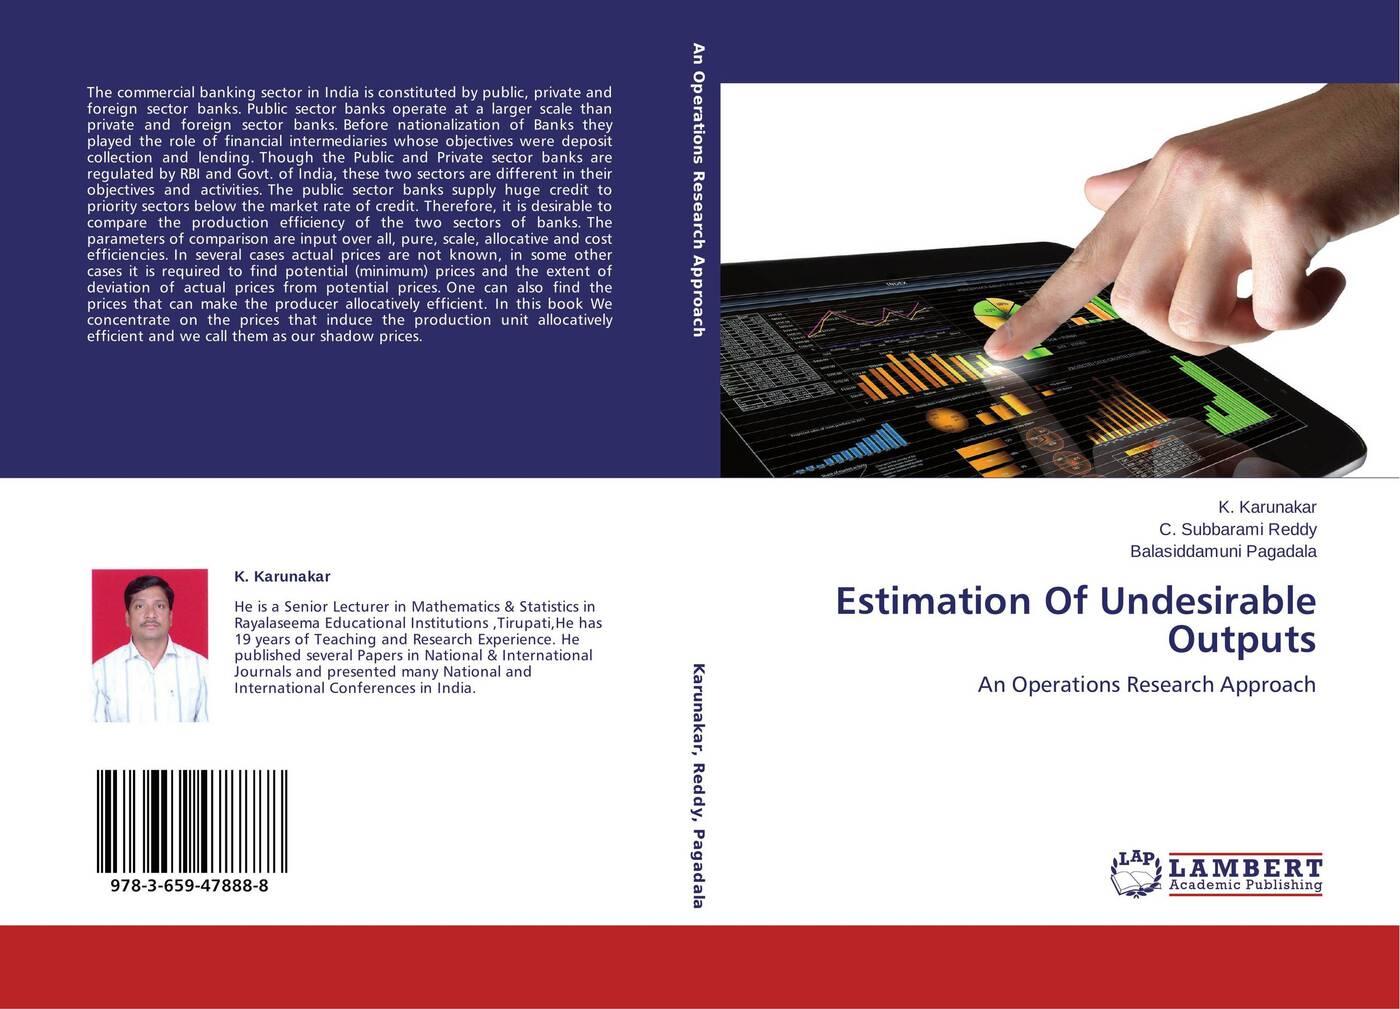 K. Karunakar,C. Subbarami Reddy and Balasiddamuni Pagadala Estimation Of Undesirable Outputs are banks bad